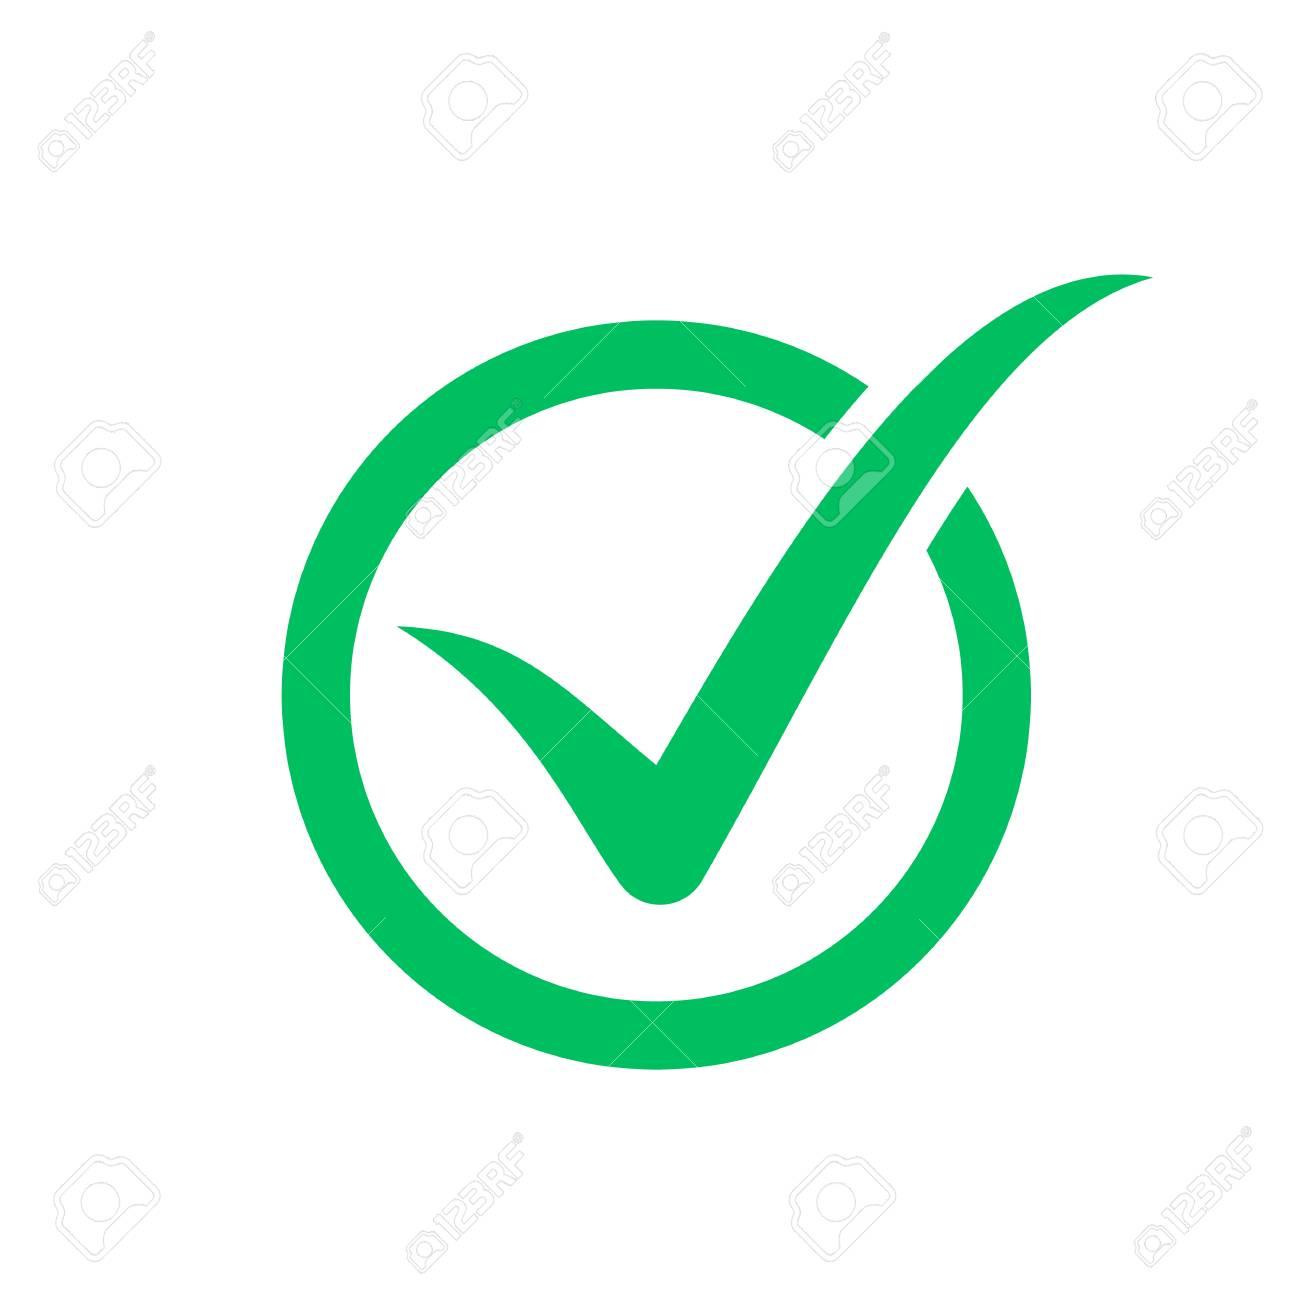 Check mark symbol, check box icon